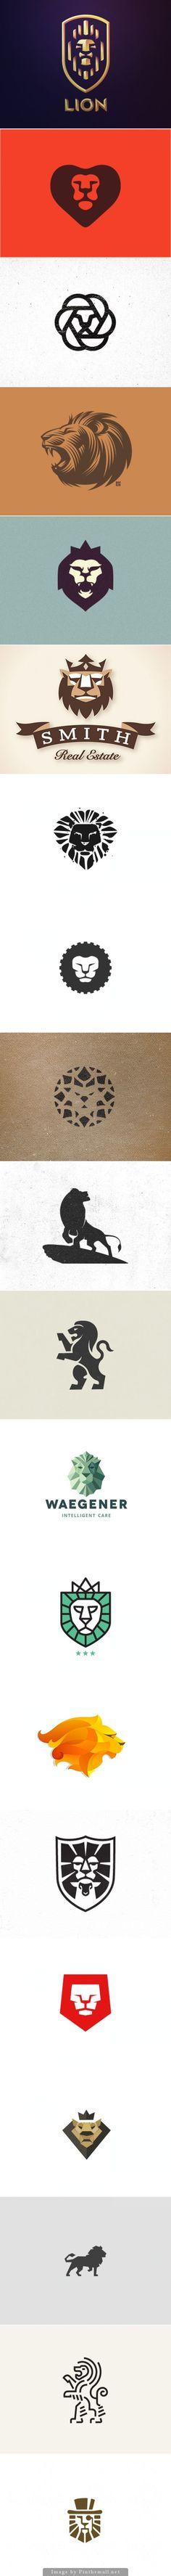 Lion Logos Más More